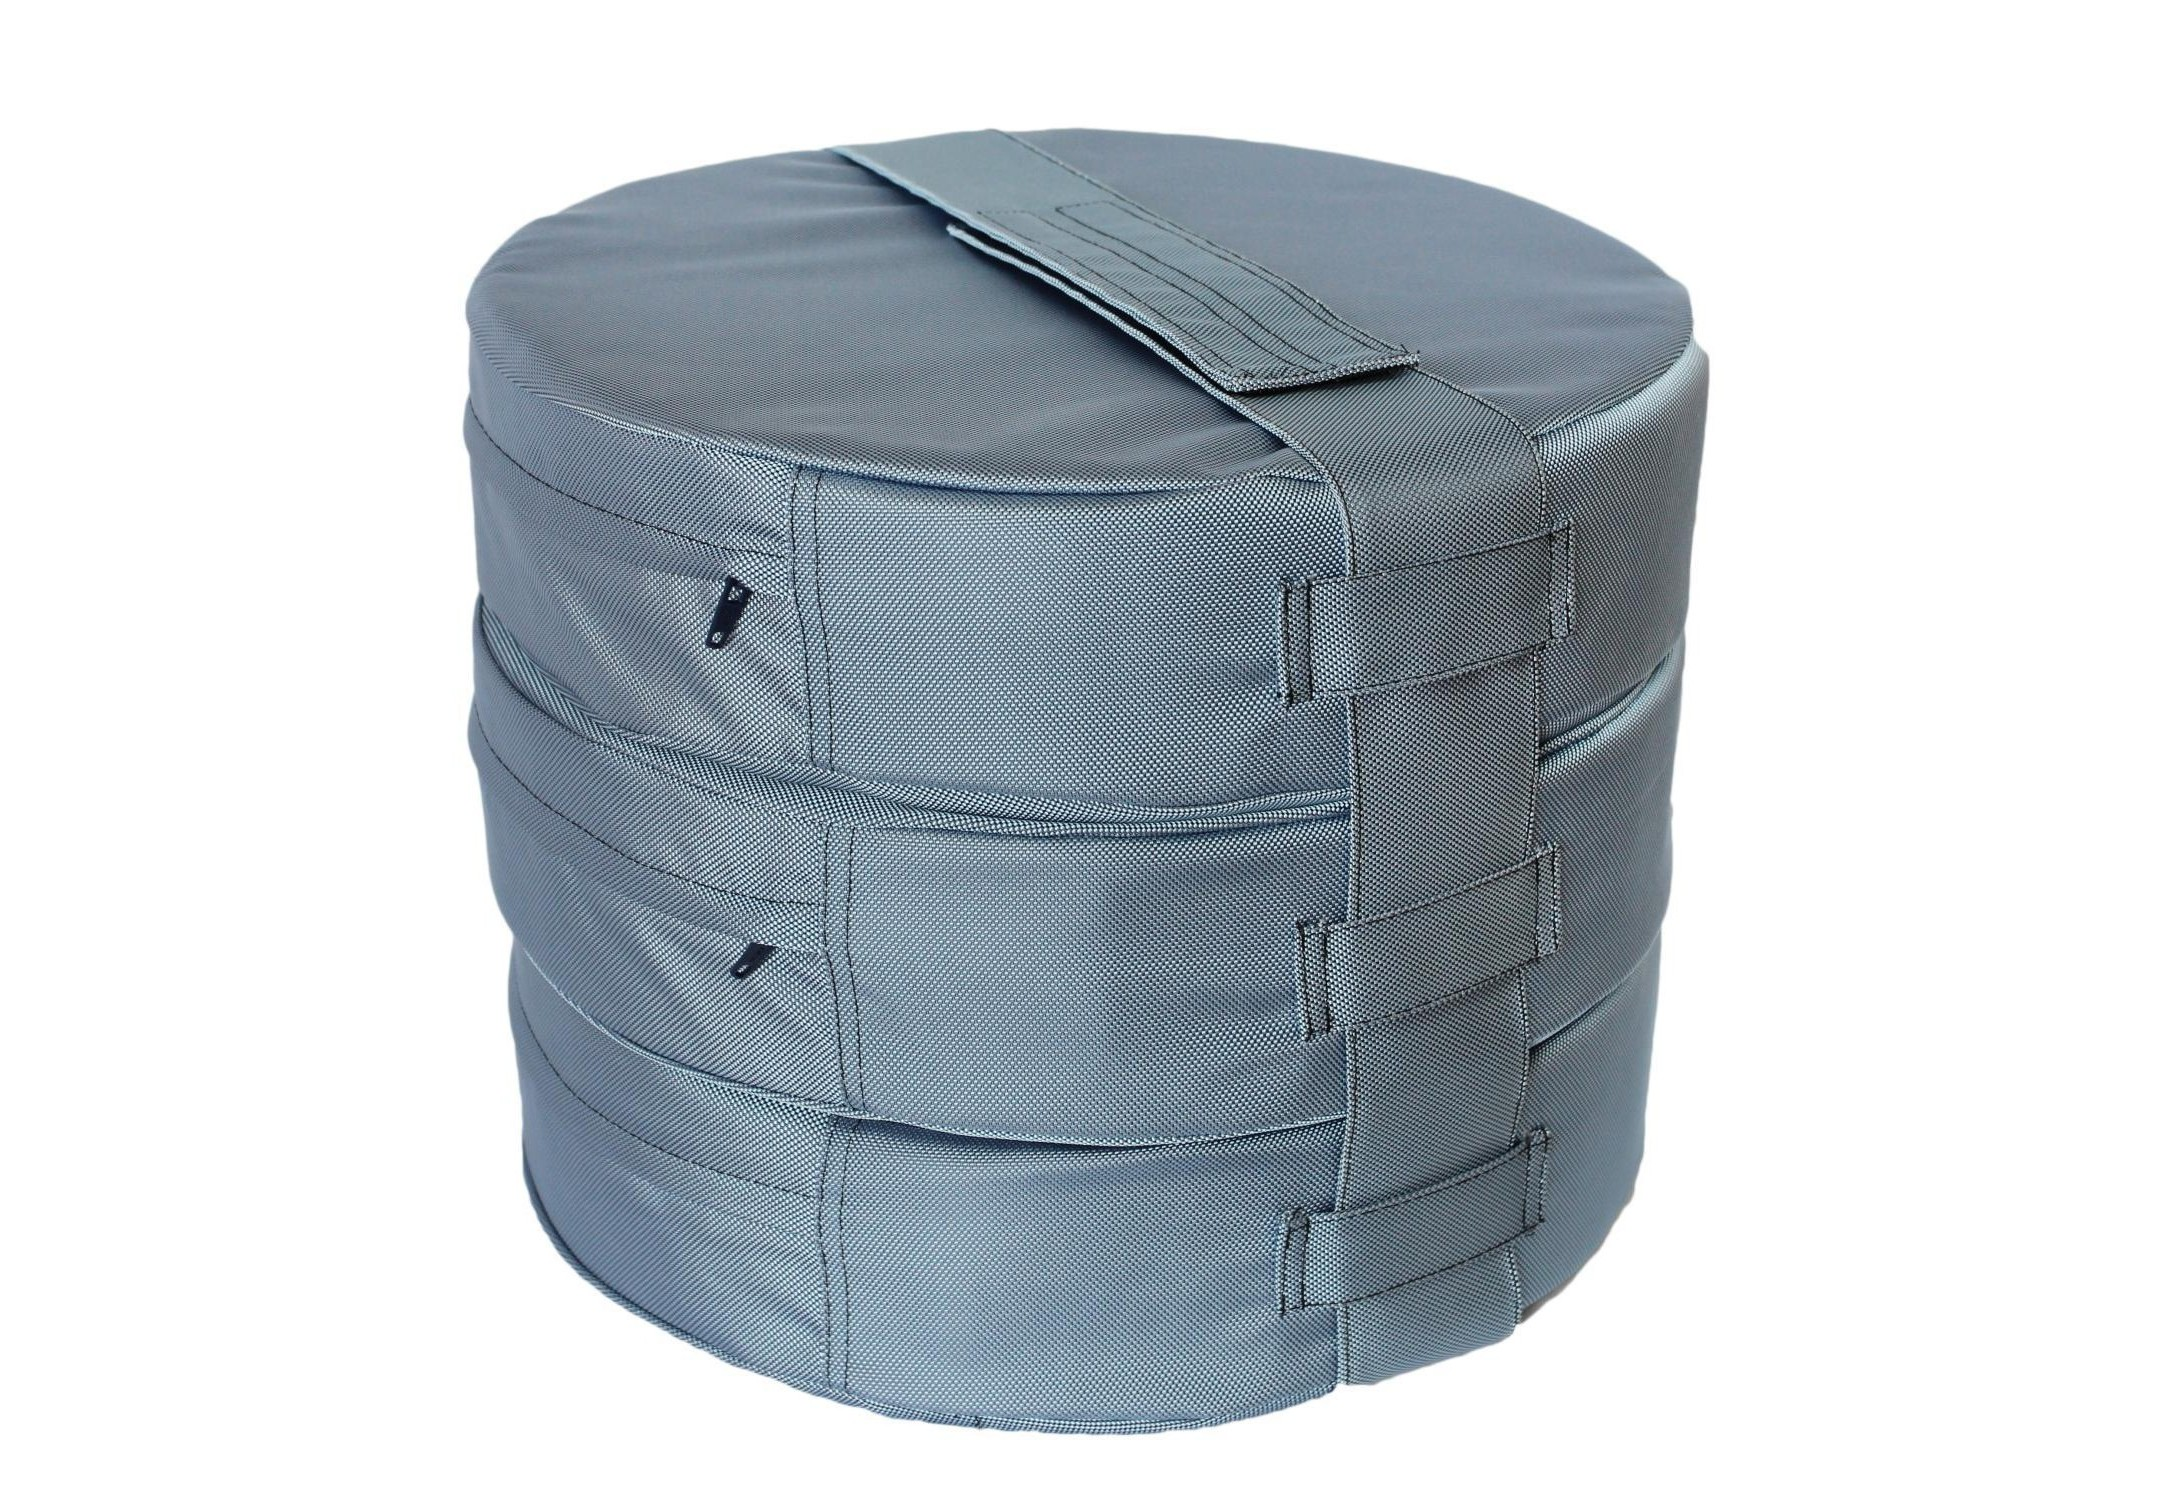 Подушка на пол Sky Blue (3шт)Форменные пуфы<br>Мягкие и очень удобные подушки на пол из водооталкивающей ткани с наполнителем из поролона станут функциональным предметом для комфортного отдыха. Контраст вставки с основным цветом изделия добавит изюминку в ваше пространство! Подушка сшита из очень плотной ткани с водооталкивающей пропиткой с внешней стороны, поэтому идеально подойдет для уличного декора. Набор подушек удобно хранить и перевозить в машине, за счет компактной упаковки. При загрязнении ее достаточно протереть влажной салфеткой!&amp;amp;nbsp;&amp;lt;div&amp;gt;&amp;lt;br&amp;gt;&amp;lt;/div&amp;gt;&amp;lt;div&amp;gt;Размер каждой подушки 10х40 см.&amp;amp;nbsp;&amp;lt;/div&amp;gt;<br><br>Material: Текстиль<br>Height см: 30<br>Diameter см: 40